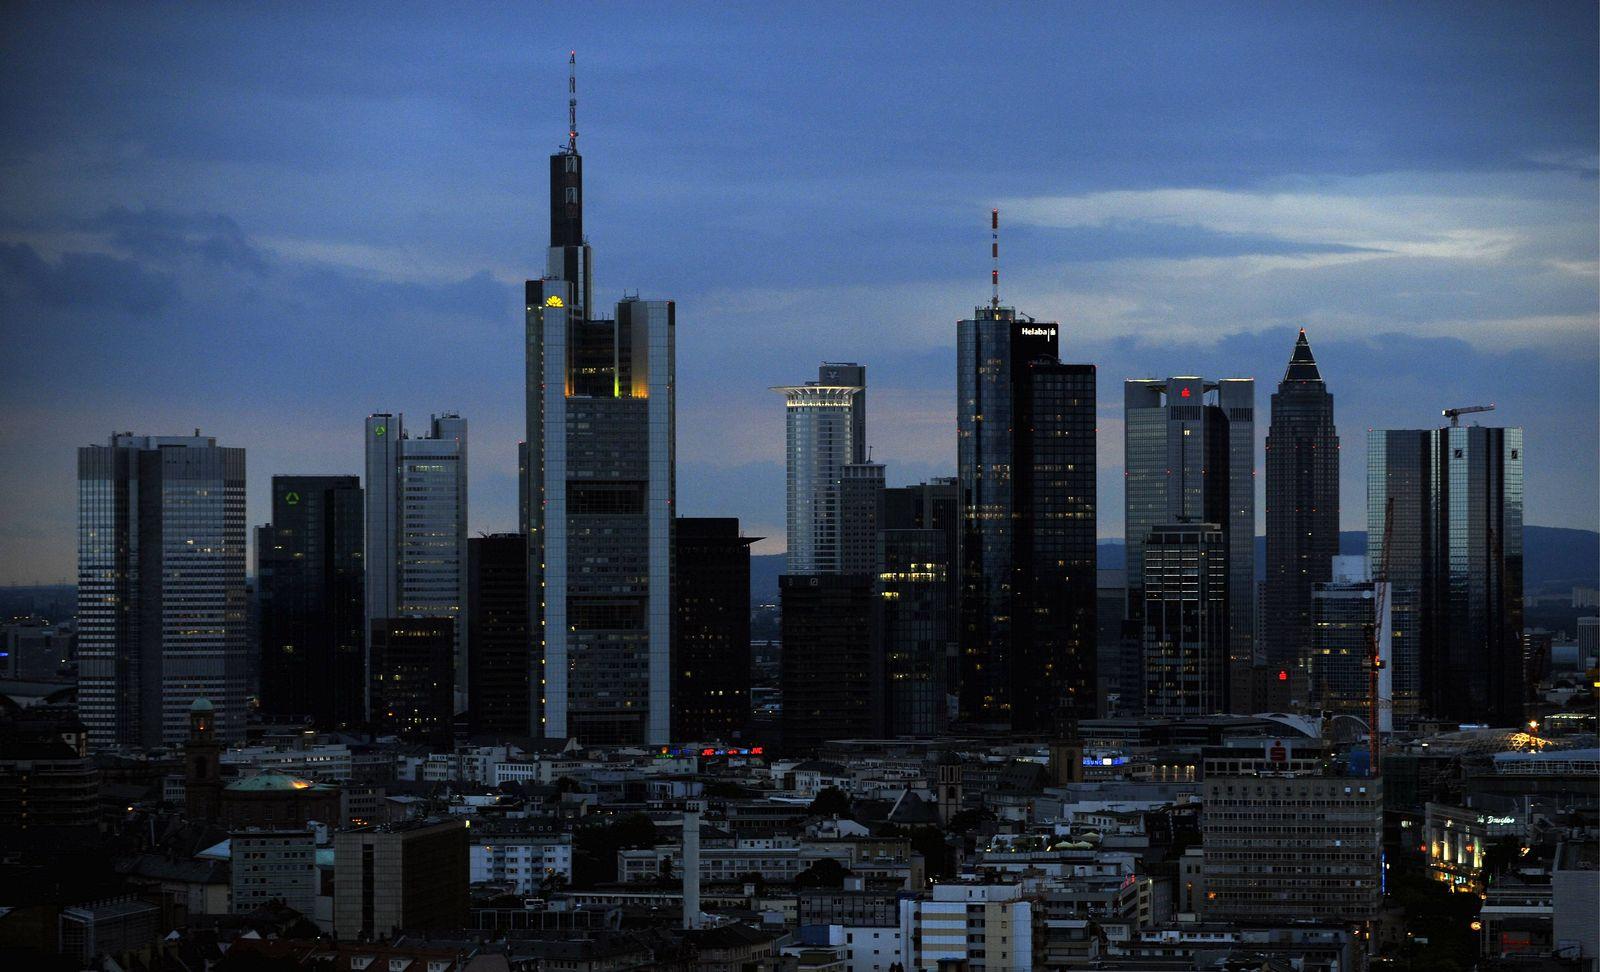 NICHT VERWENDEN BANKEN/SKYLINE/FRANKFURT